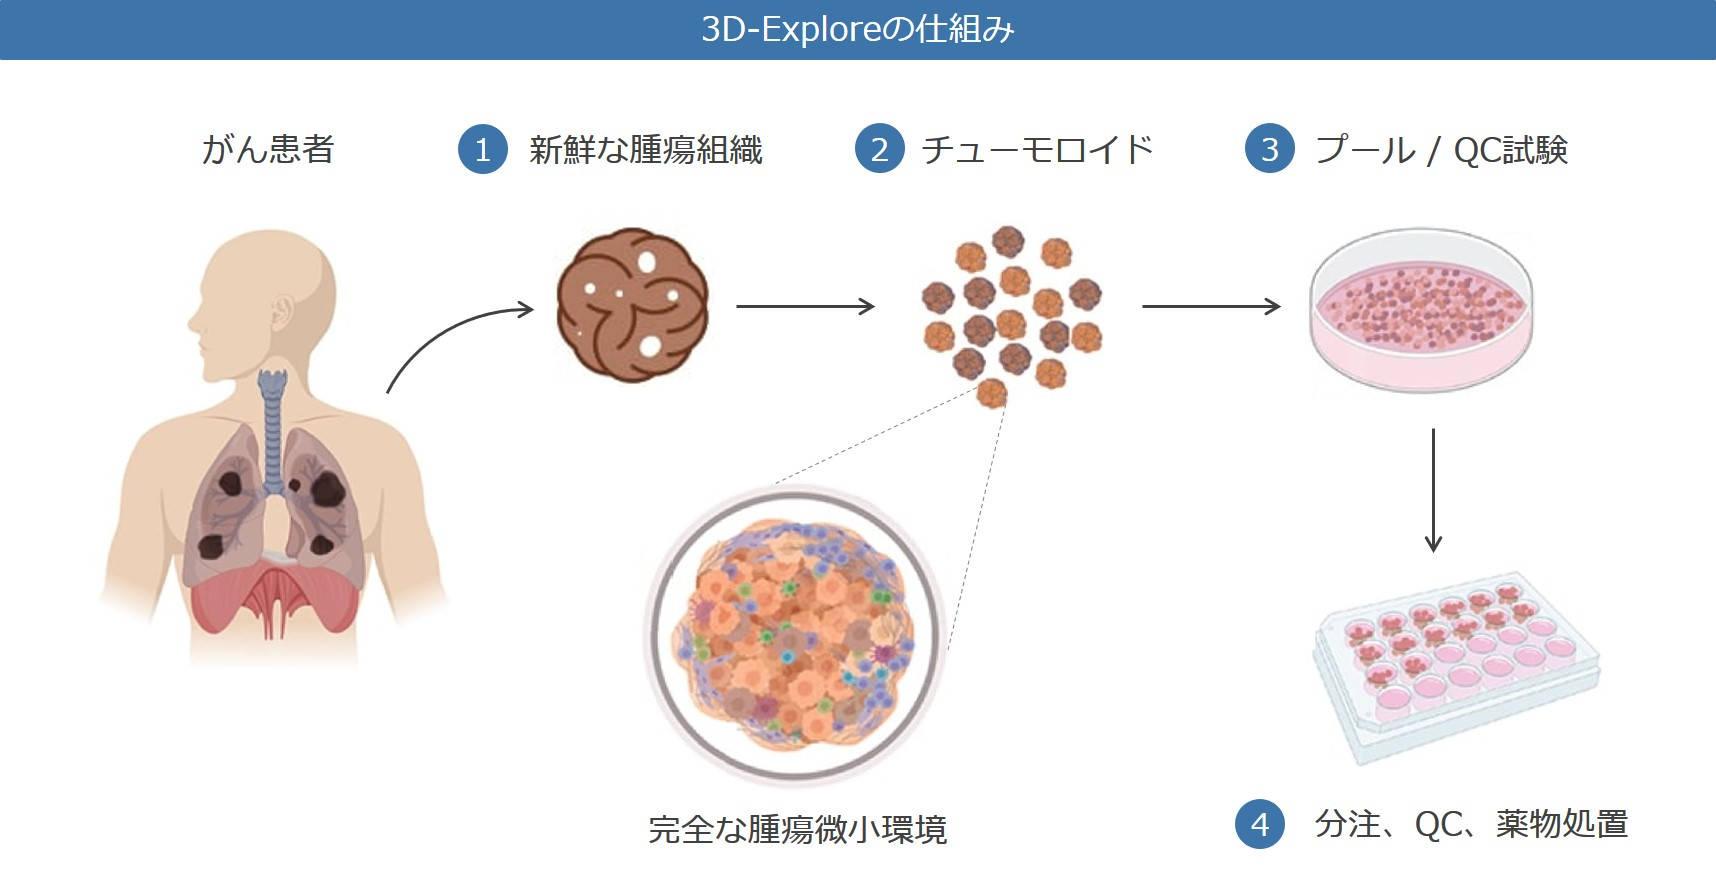 3D-Explore Overview